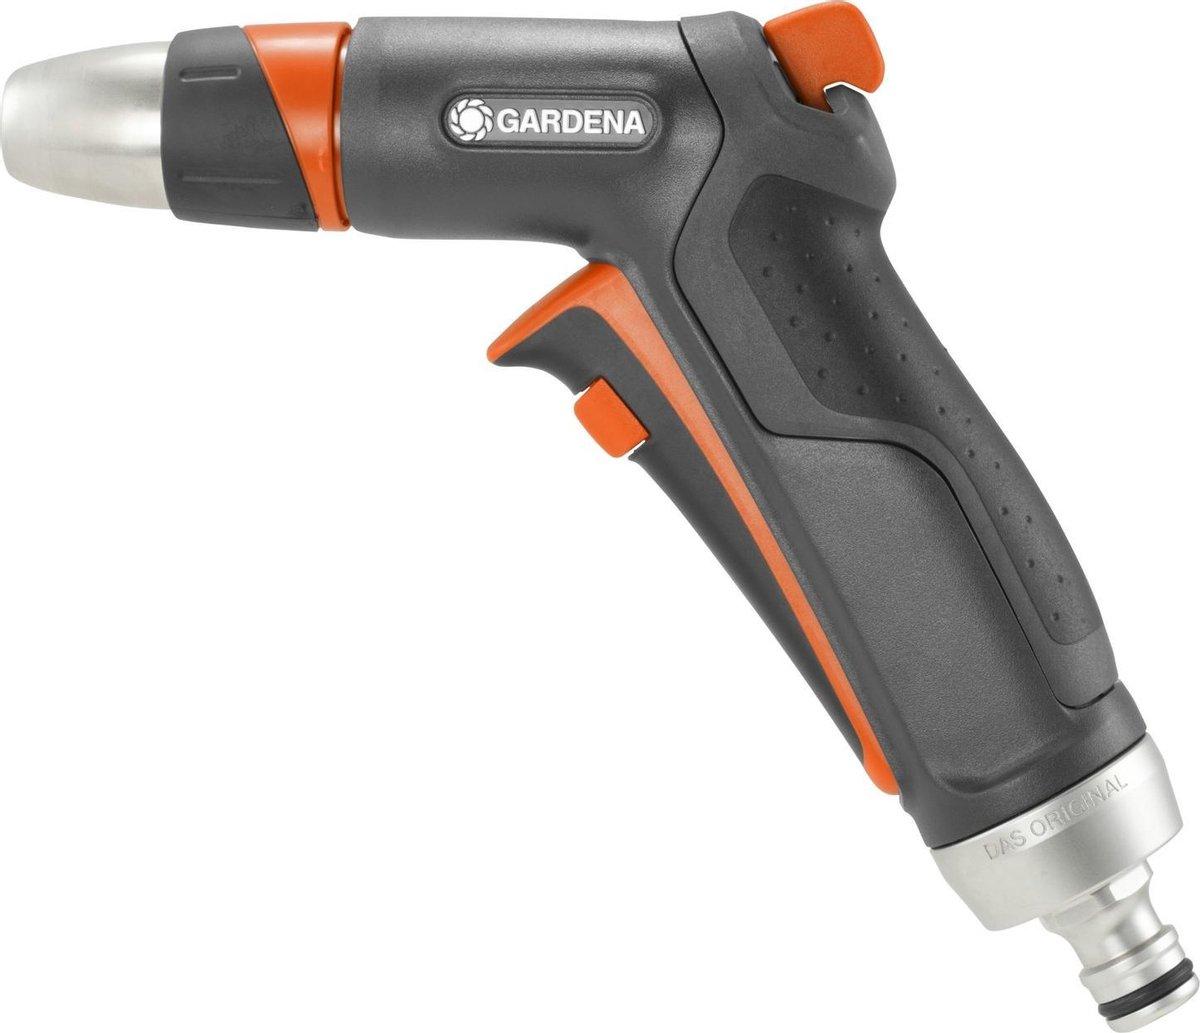 GARDENA Premium Reinigingssproeier Spuitpistool - Metaal - Voor Reiniging En Bewatering